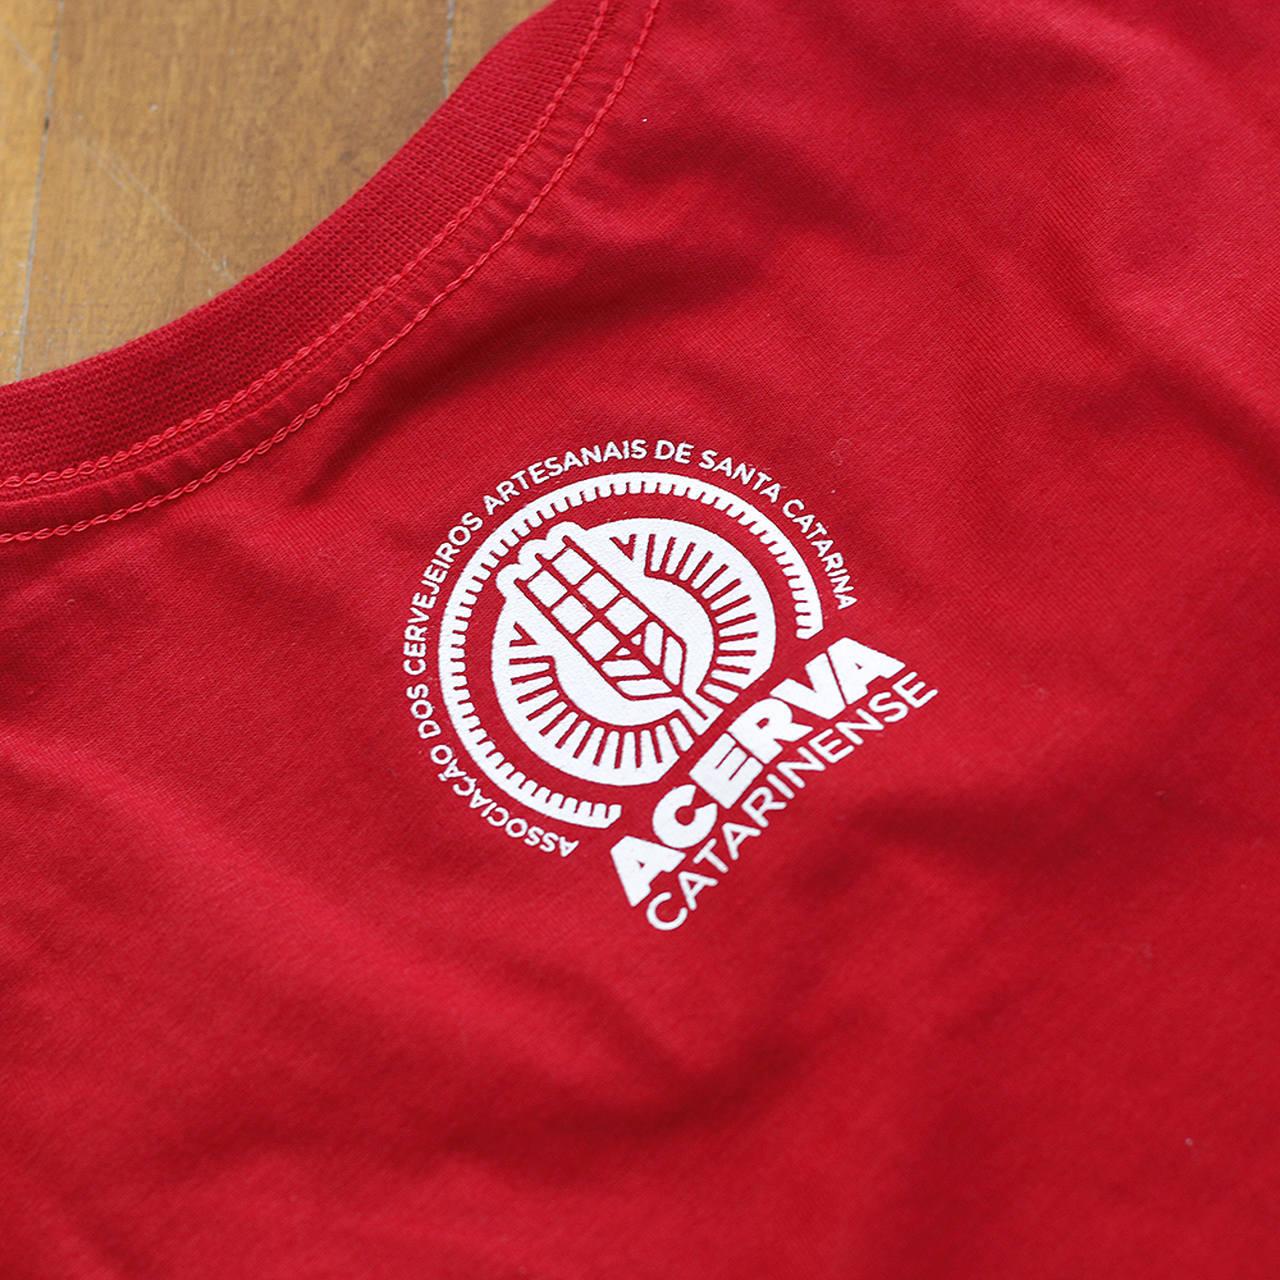 Camiseta Masculina Acerva Catarinense Vermelho  - Maria Cervejeira